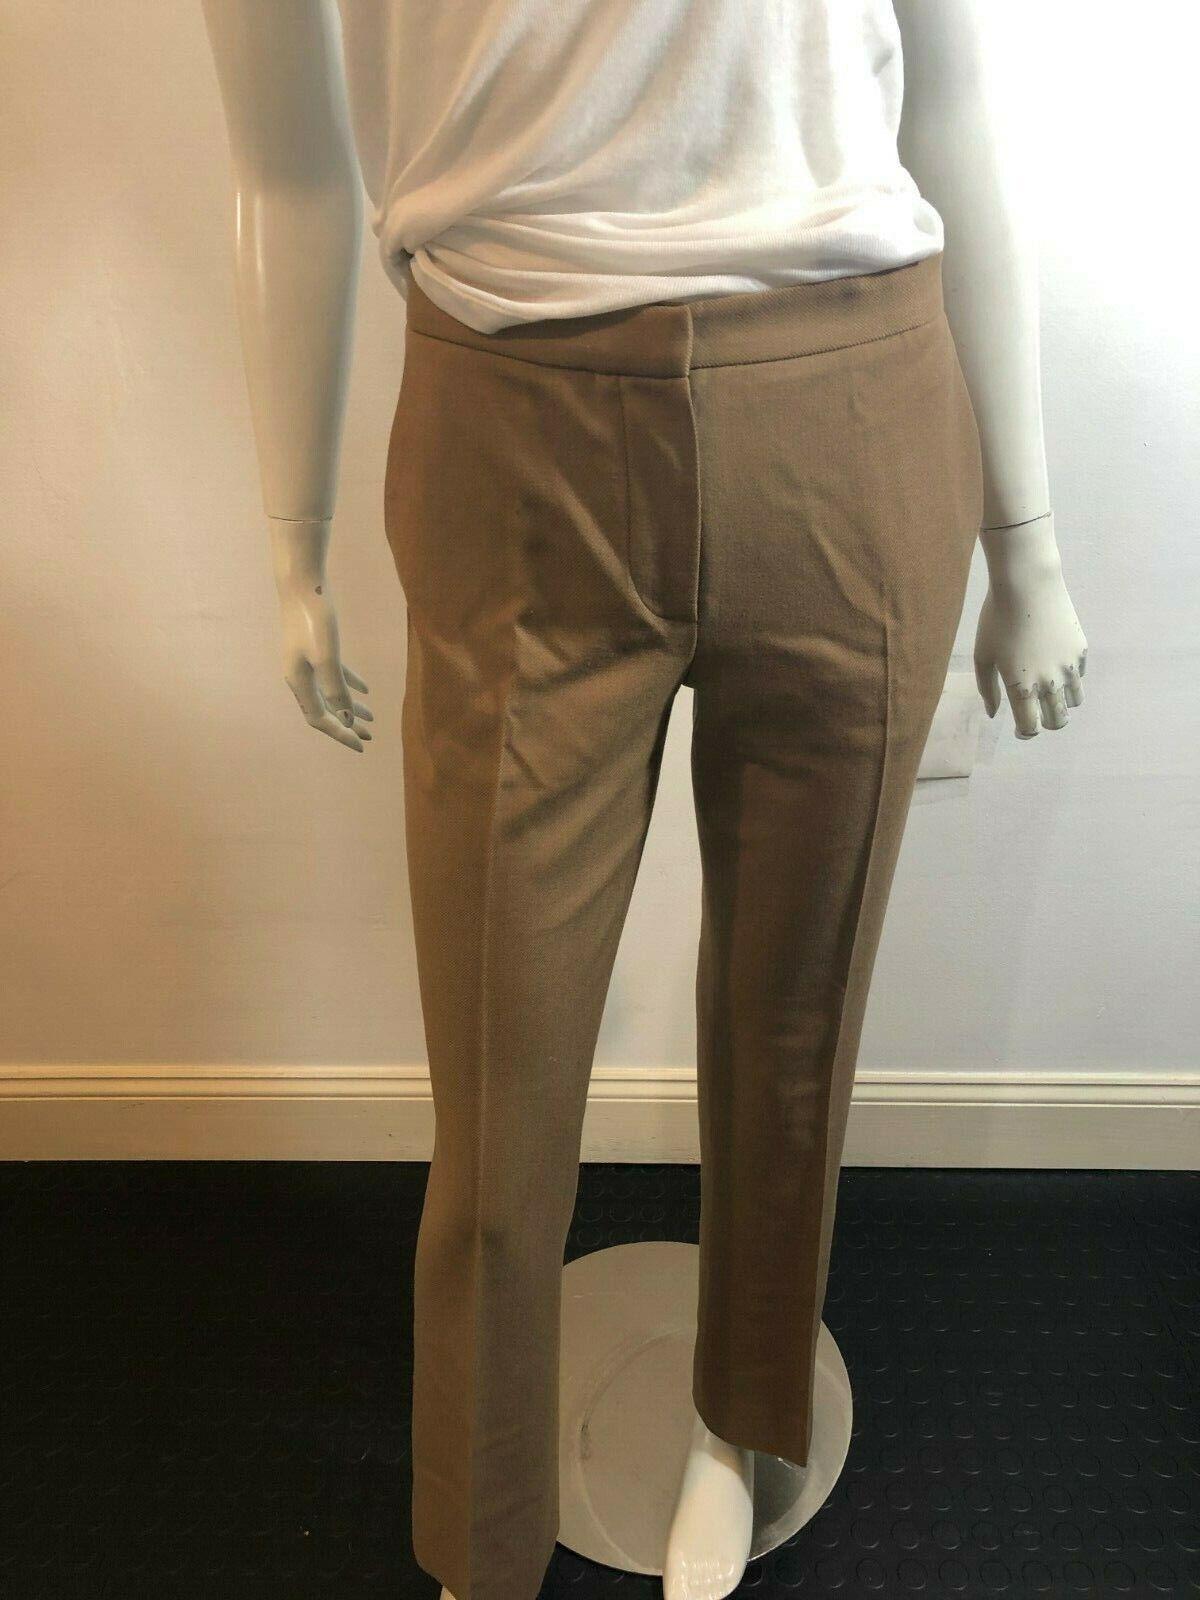 PRADA 7619 tan Marrón  Pantalones De Lana Talla 38  autorización